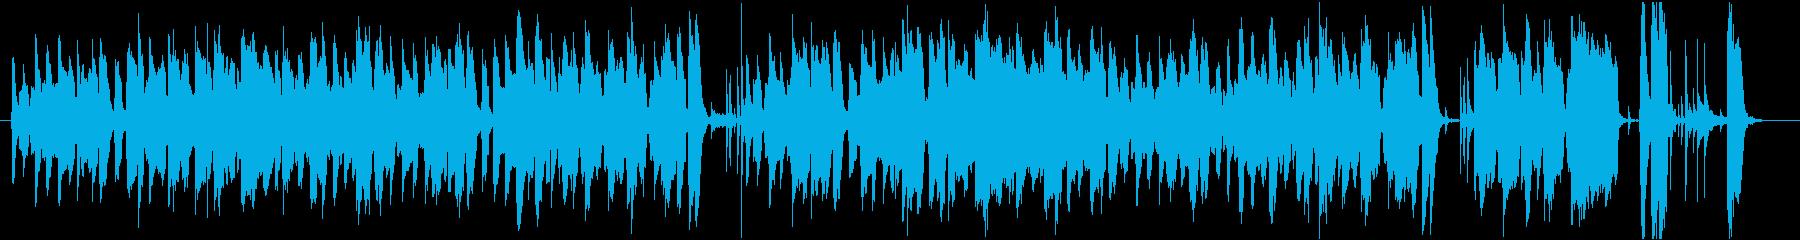 ゆったりテンポのジャズの再生済みの波形